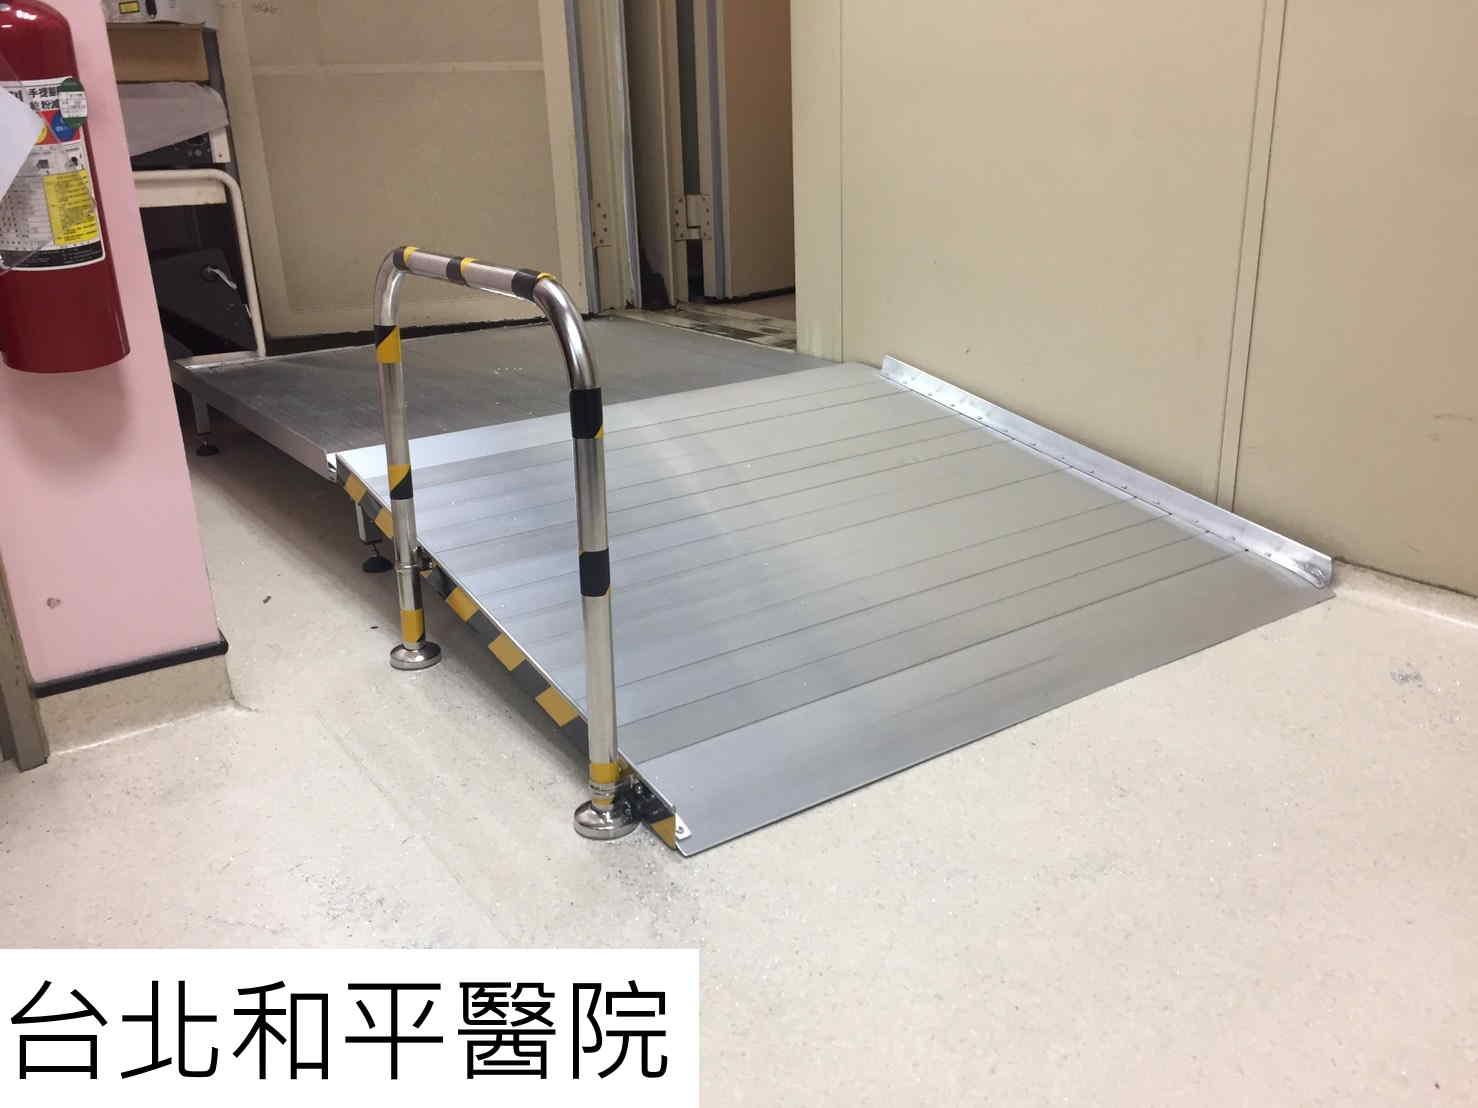 單片式方形平台和斜坡板組合